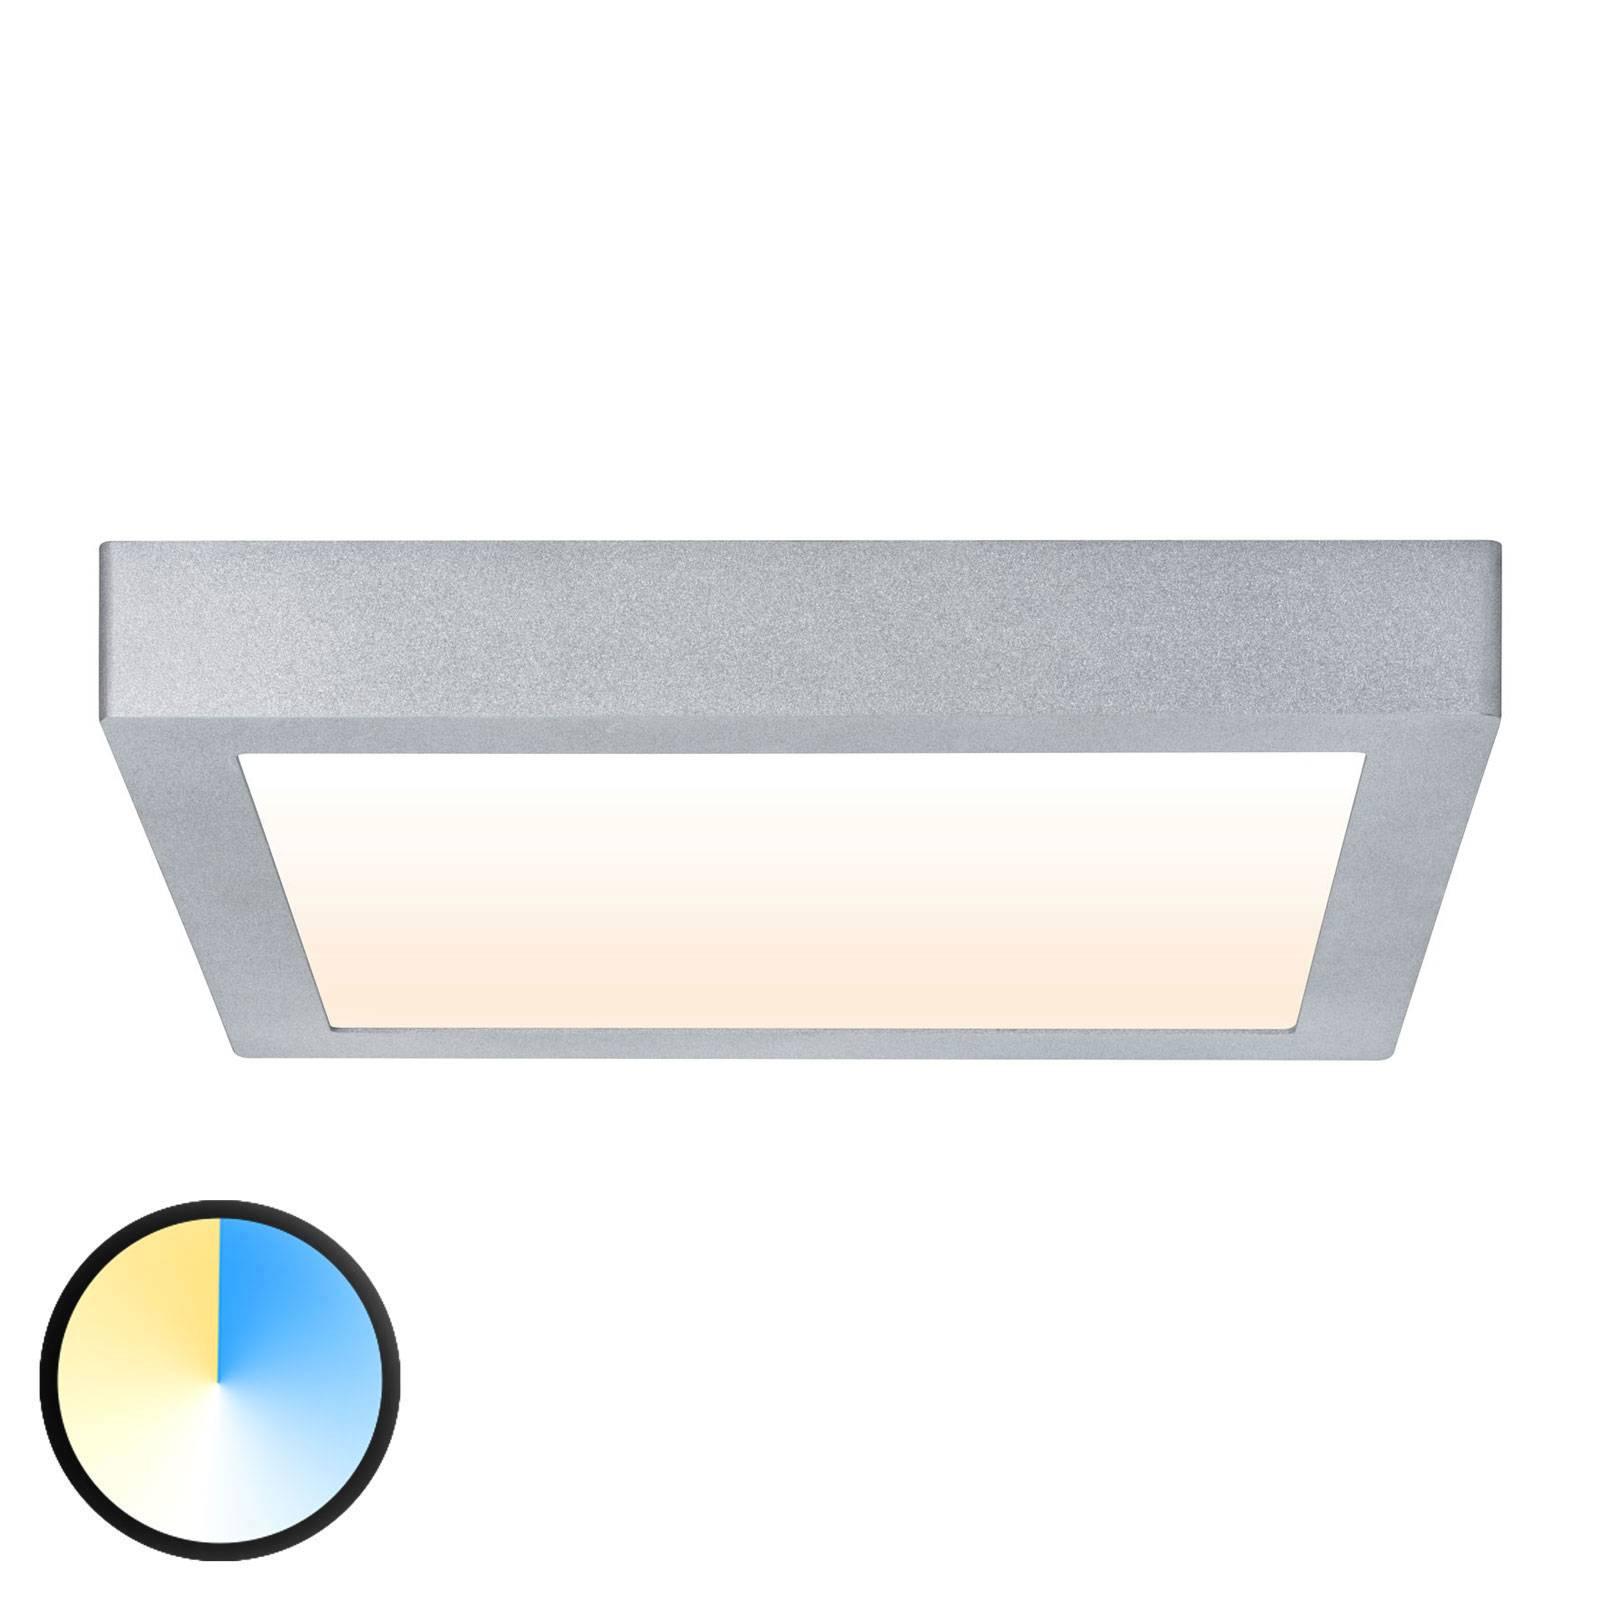 Paulmann Carpo LED plafondlamp chroom 30x30cm